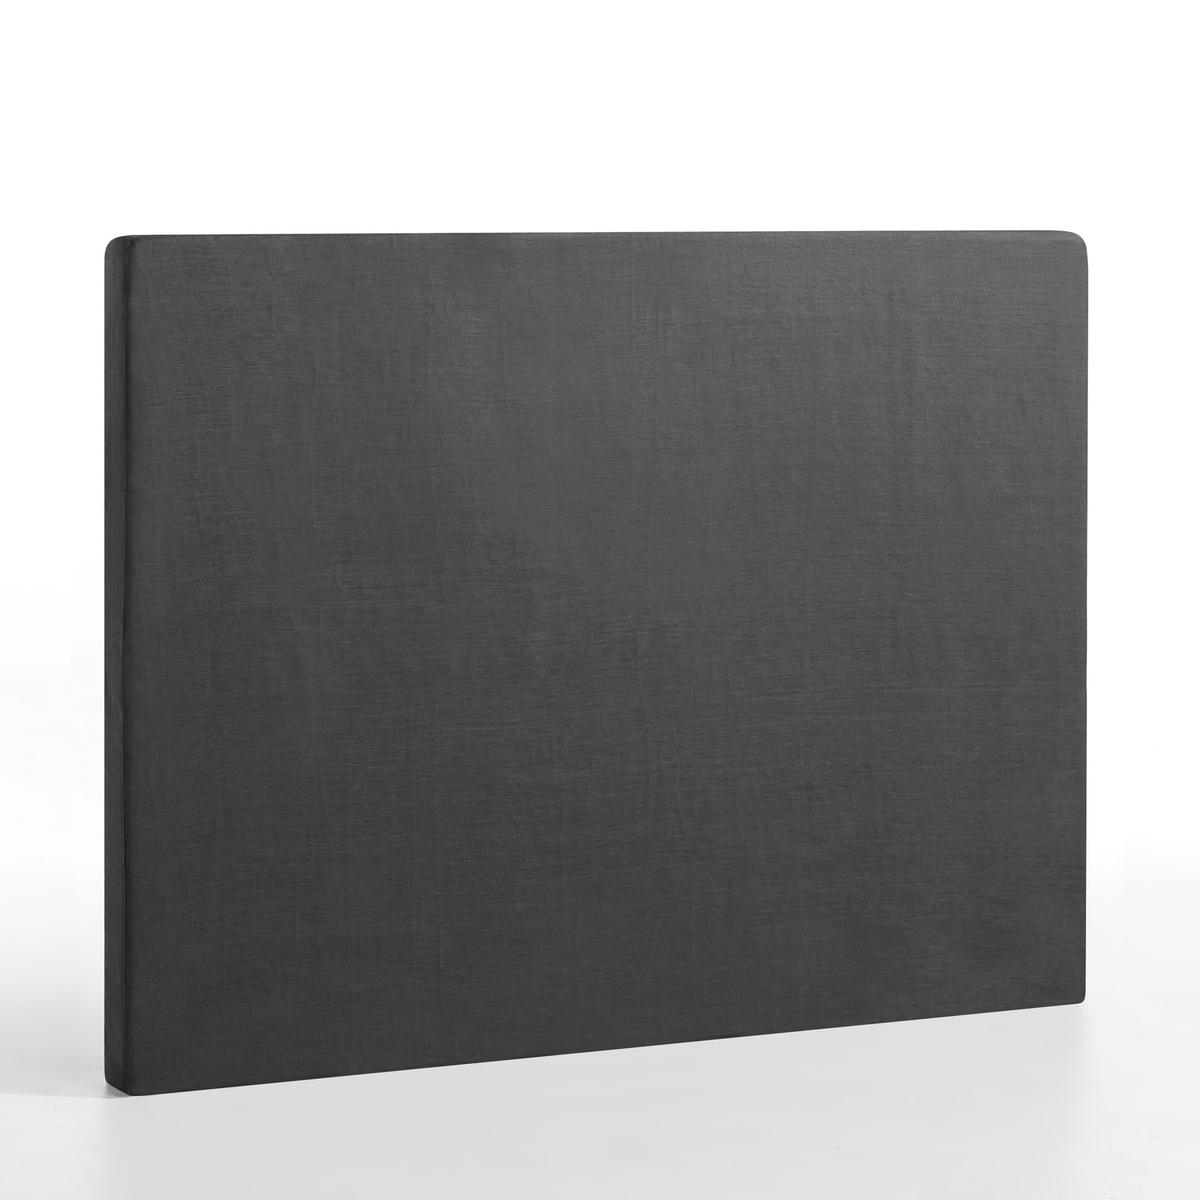 Чехол La Redoute Для изголовья кровати STADIA лен высота см 120 x 10 x 90 см серый чехол из льна с помпонами для изголовья кровати sandor